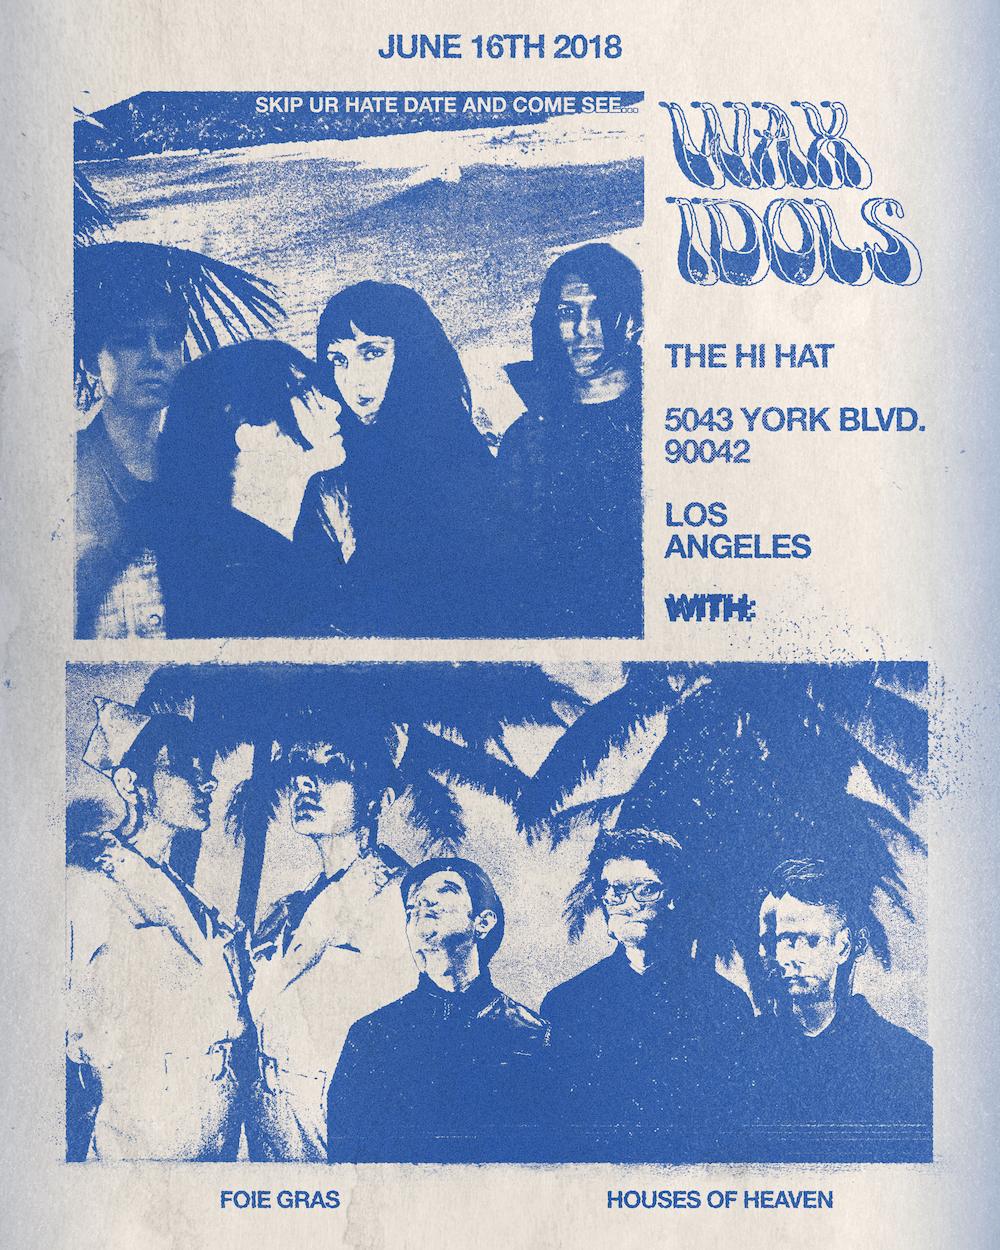 Wax Idols - HiHat LA